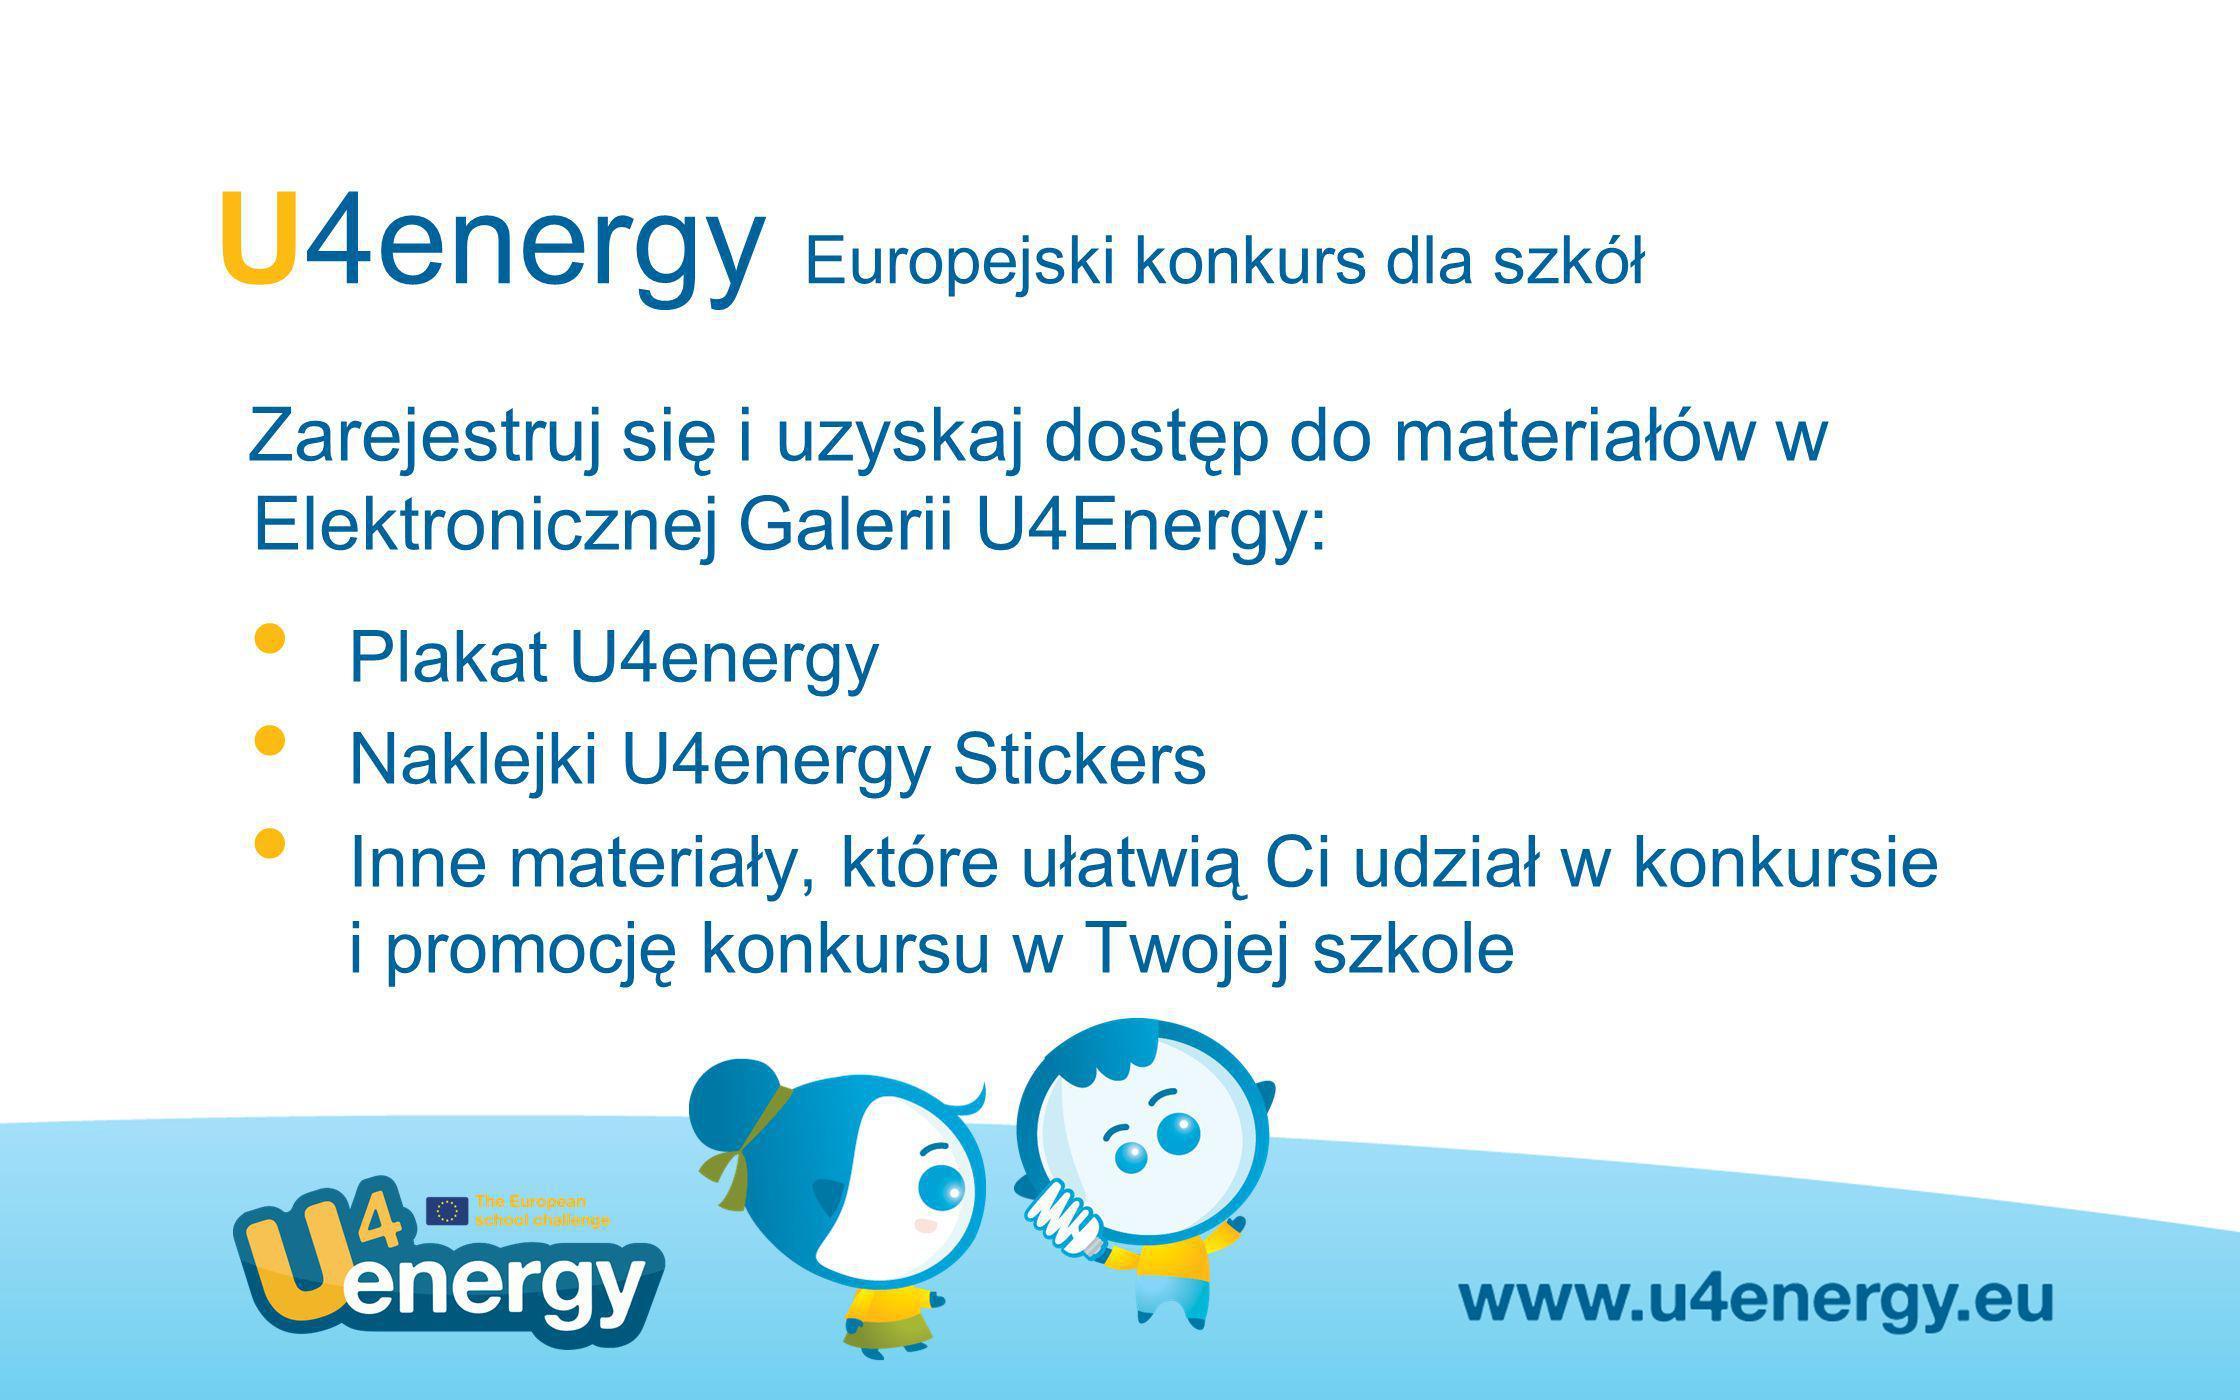 U4energy Europejski konkurs dla szkół Zarejestruj się i uzyskaj dostęp do materiałów w Elektronicznej Galerii U4Energy: Plakat U4energy Naklejki U4ene